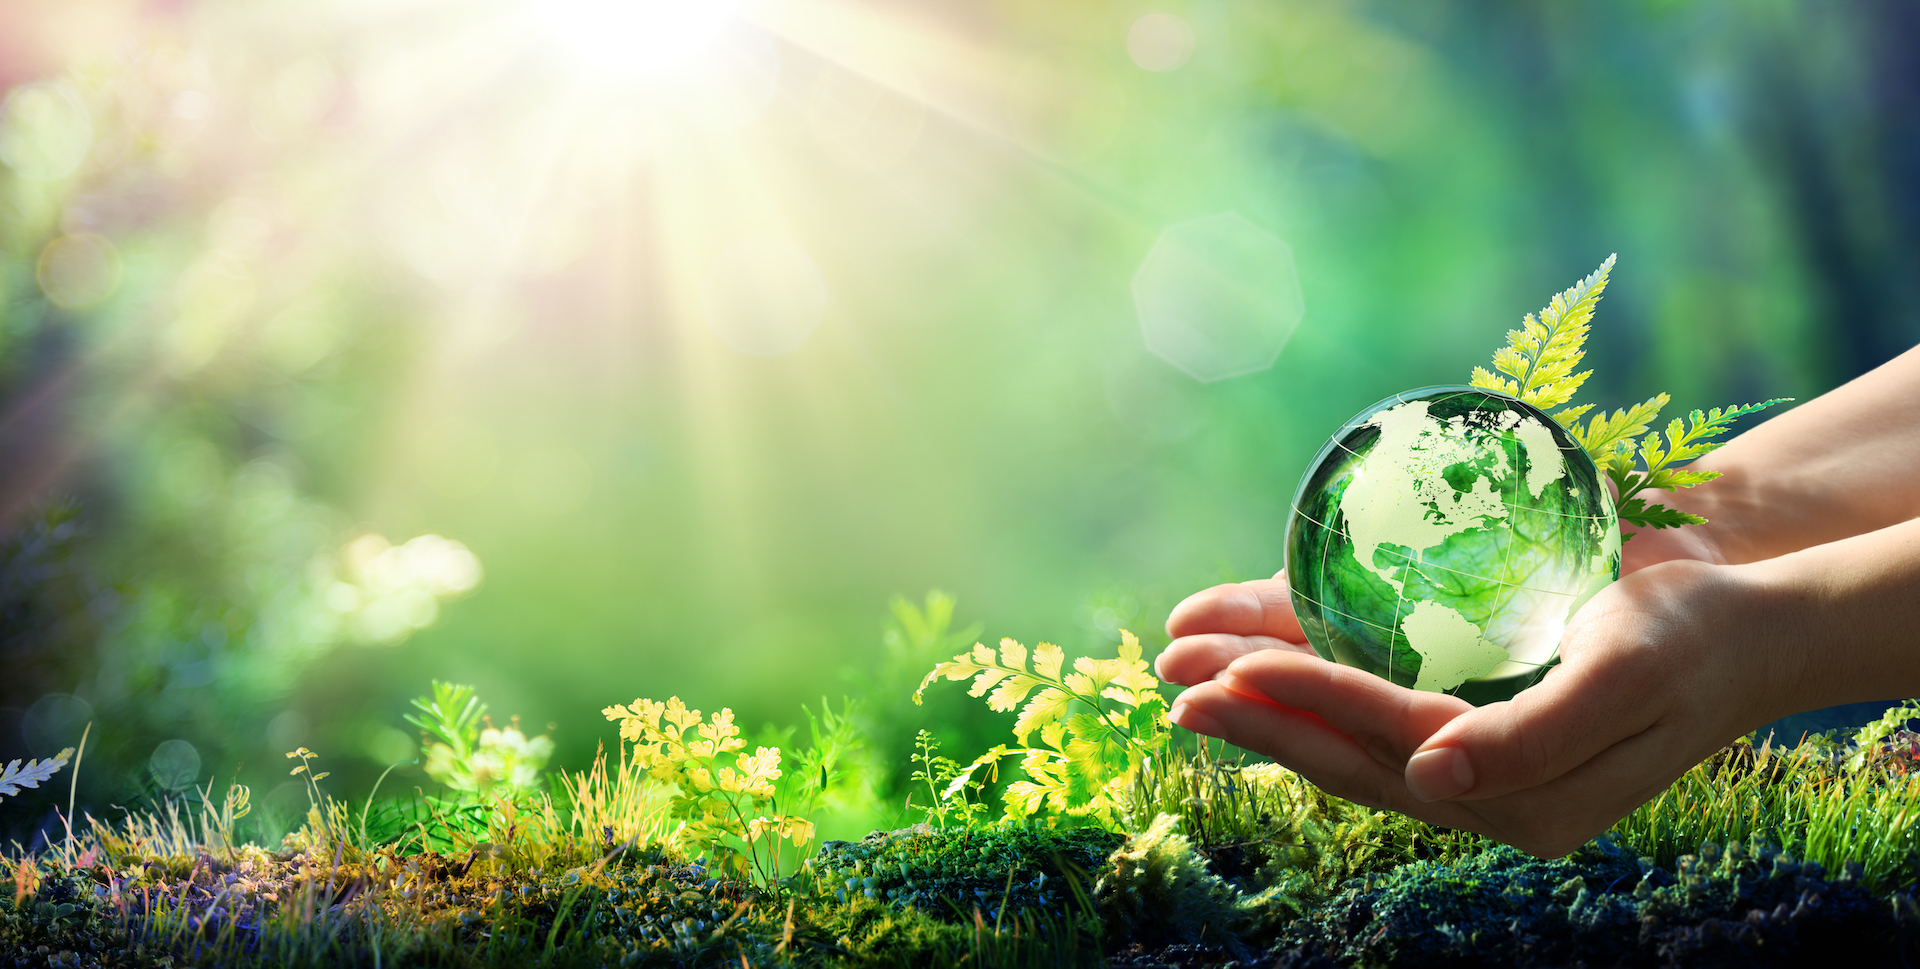 eine Hand hält einen Glas Globus